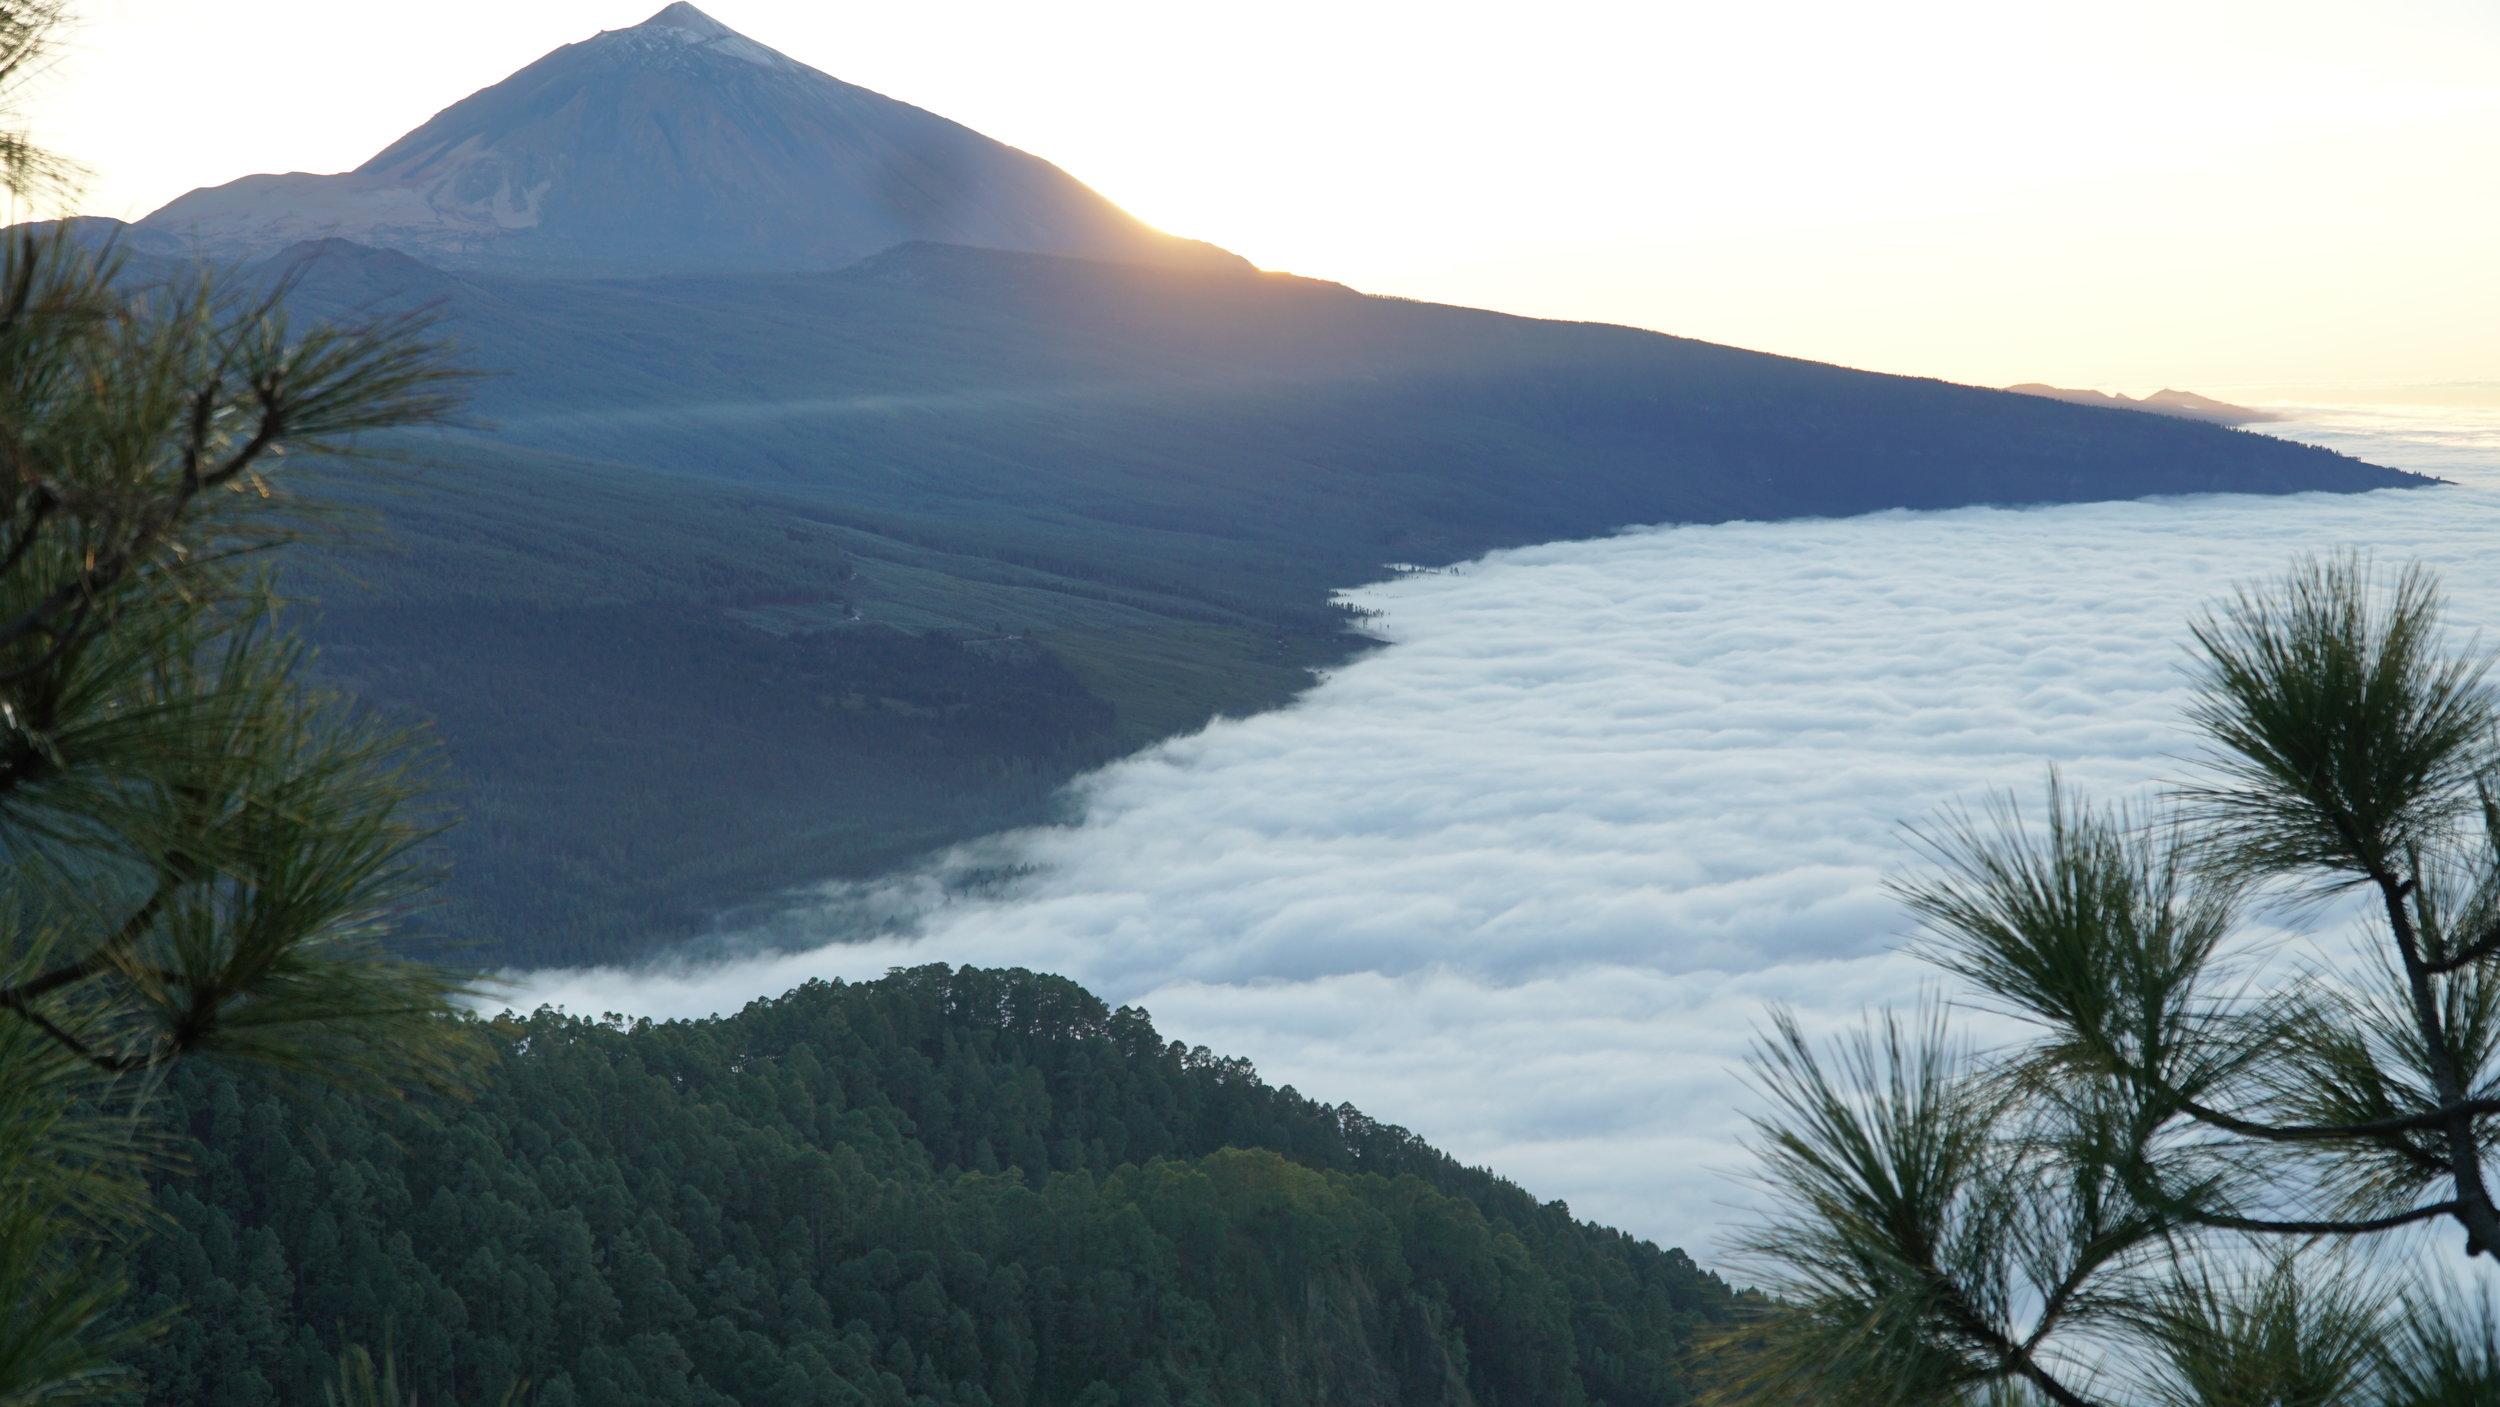 Sky-havet ligger for foden af mig og Teide, altimens solen går ned i Atlanterhavet